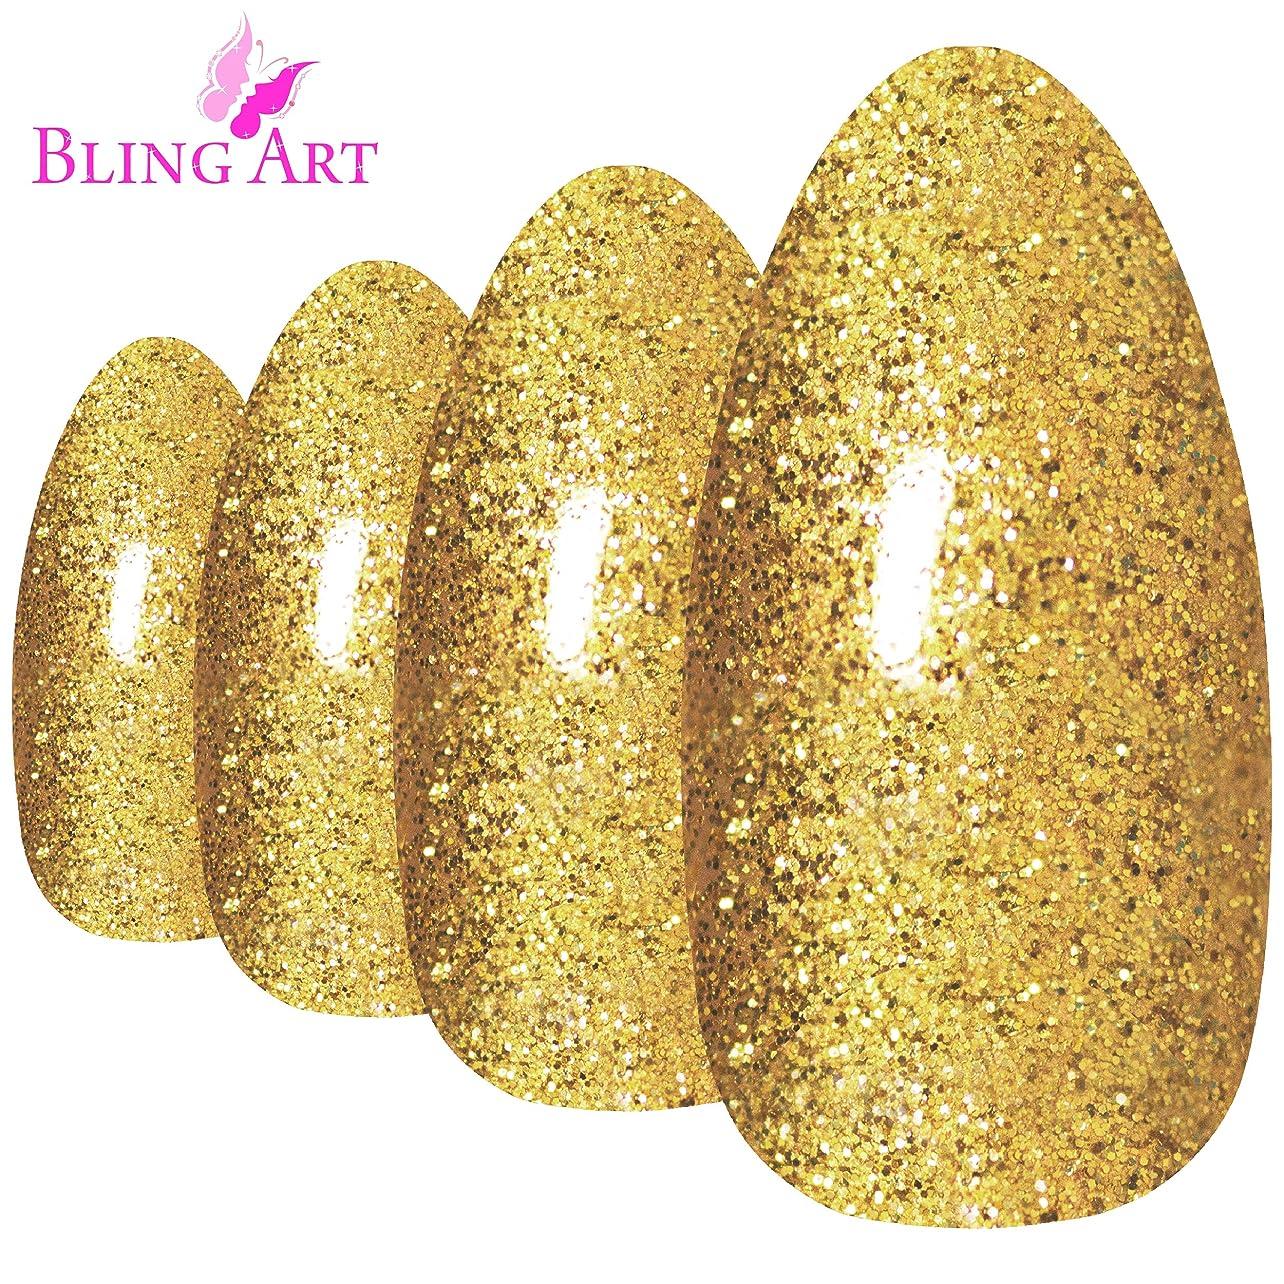 起業家パラナ川出発するBling Art Almond False Nails Fake Stiletto Gel Gold Glitter 24 Long Tips Glue